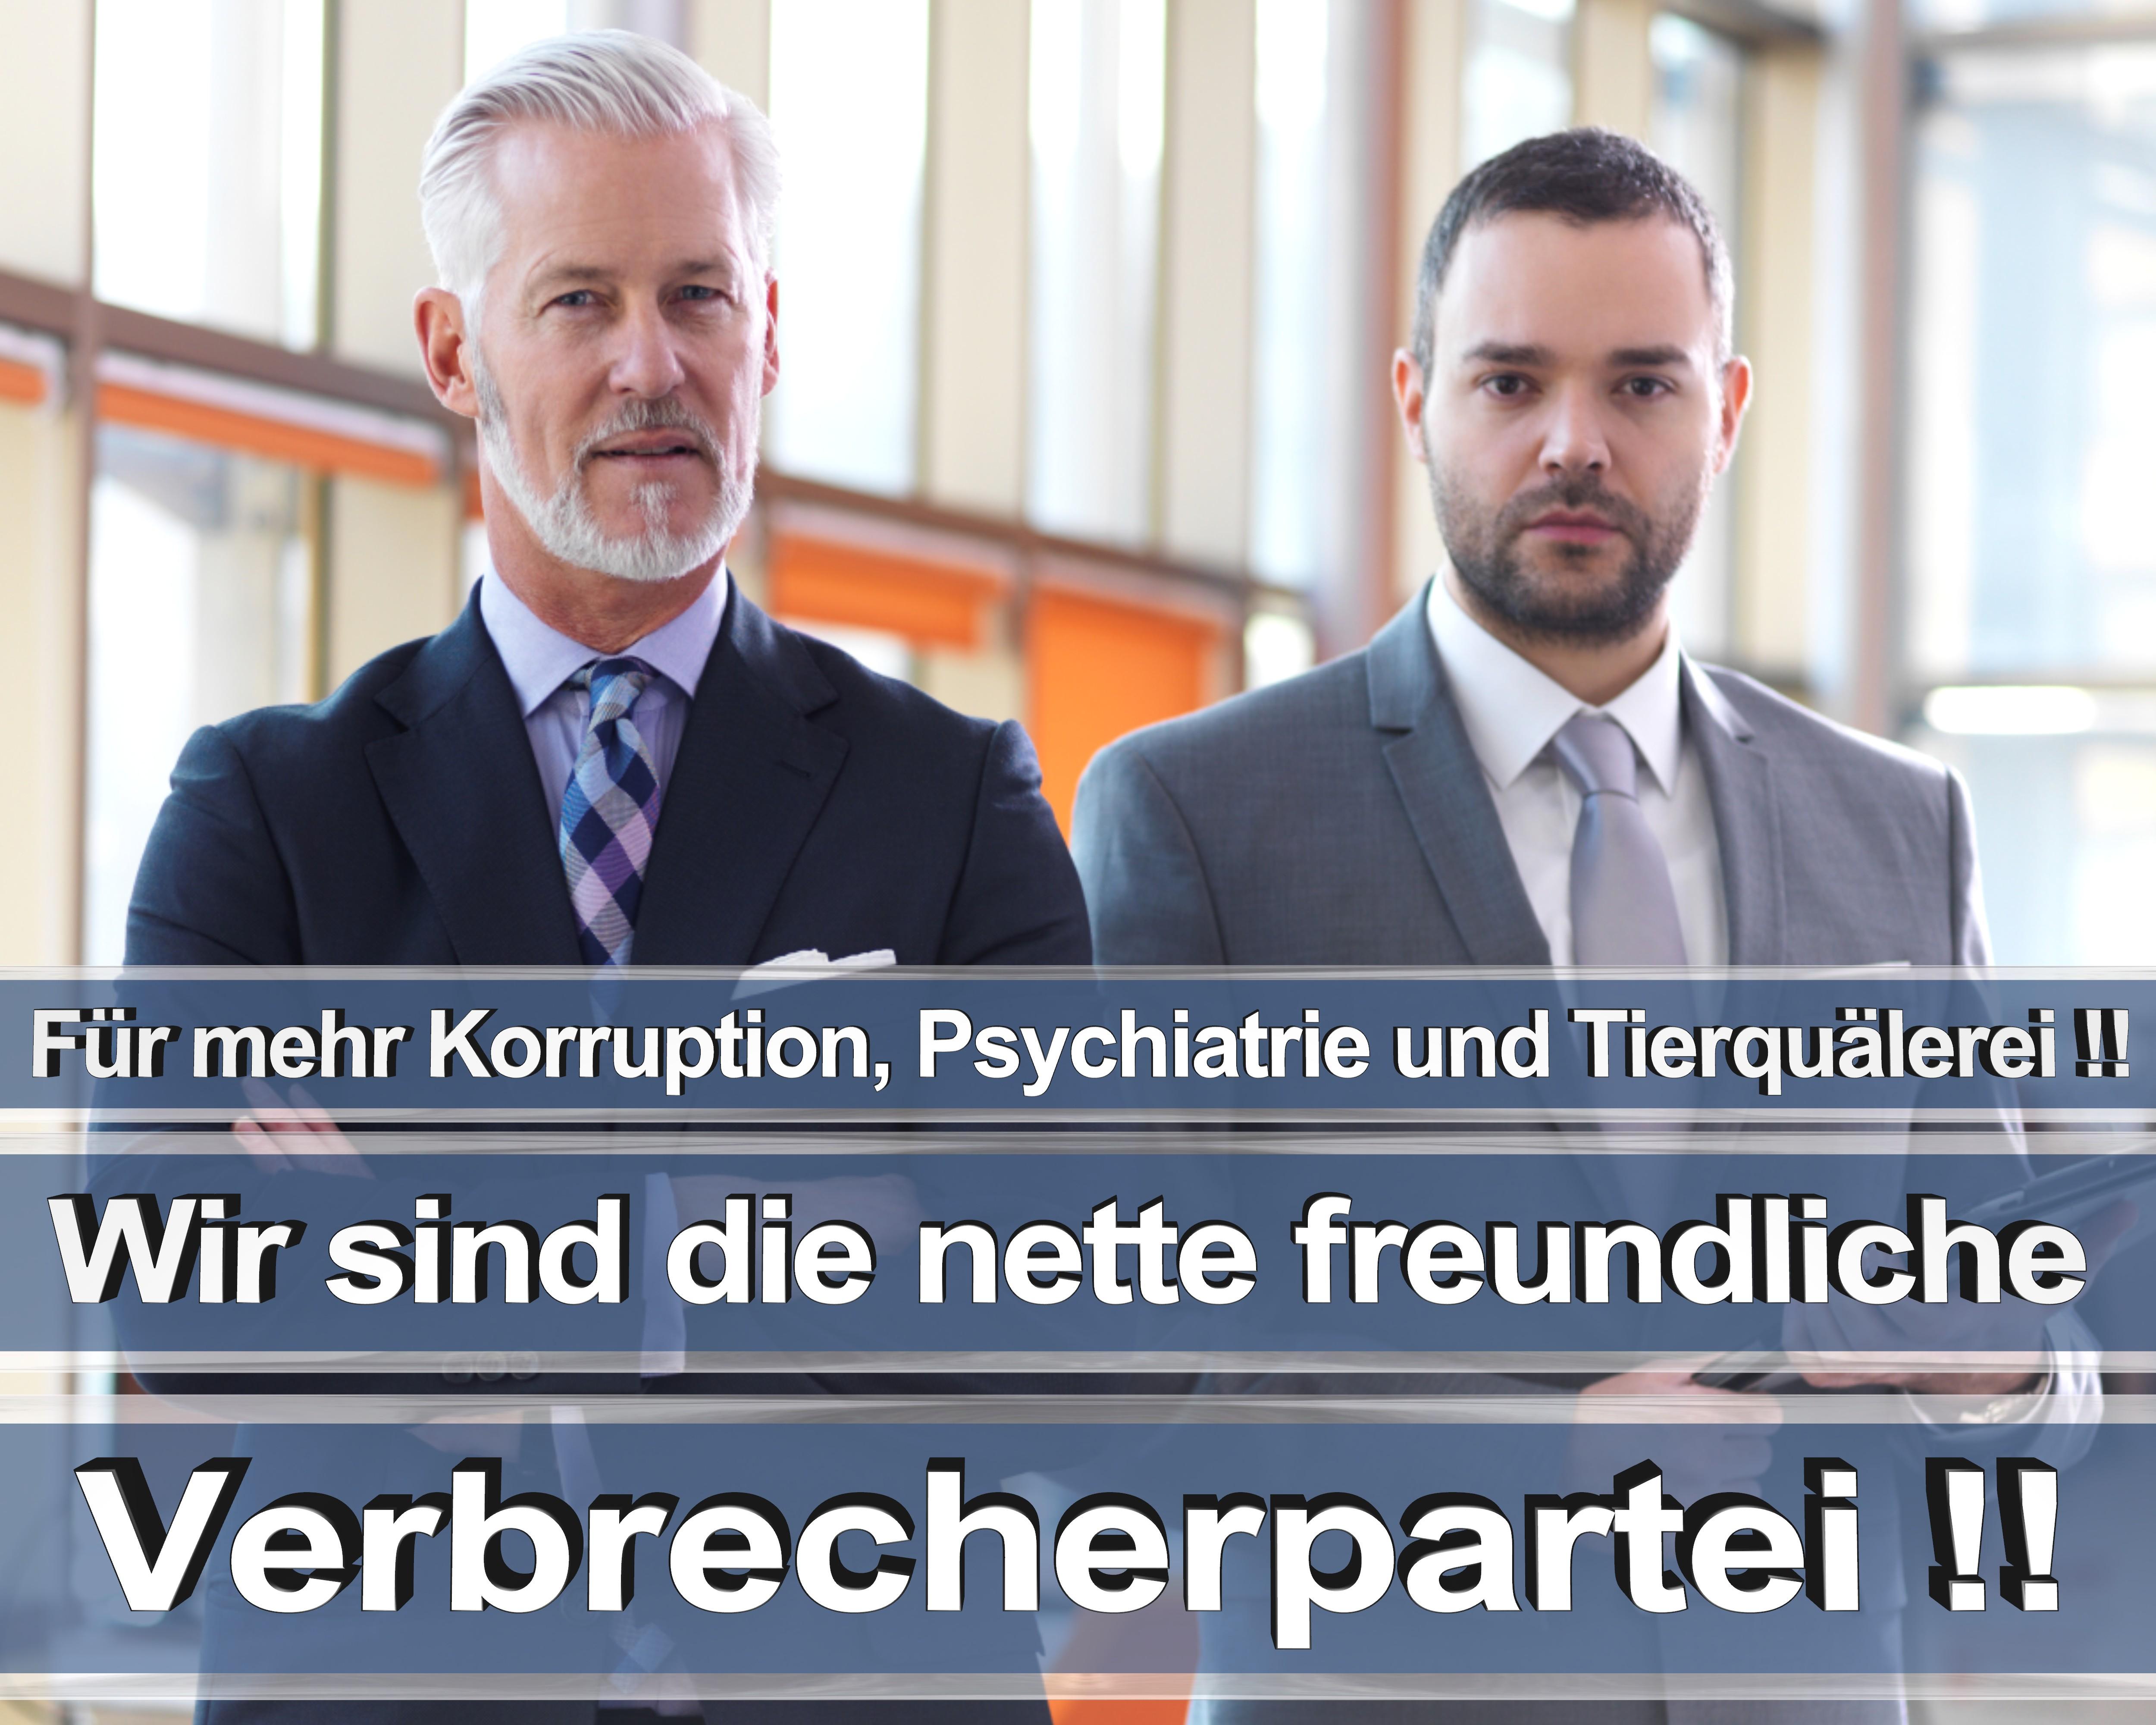 Bundestagswahl 2017 wahlplakate cdu spd angela merkel frauke petry afd rtl zdf ard arte (14)